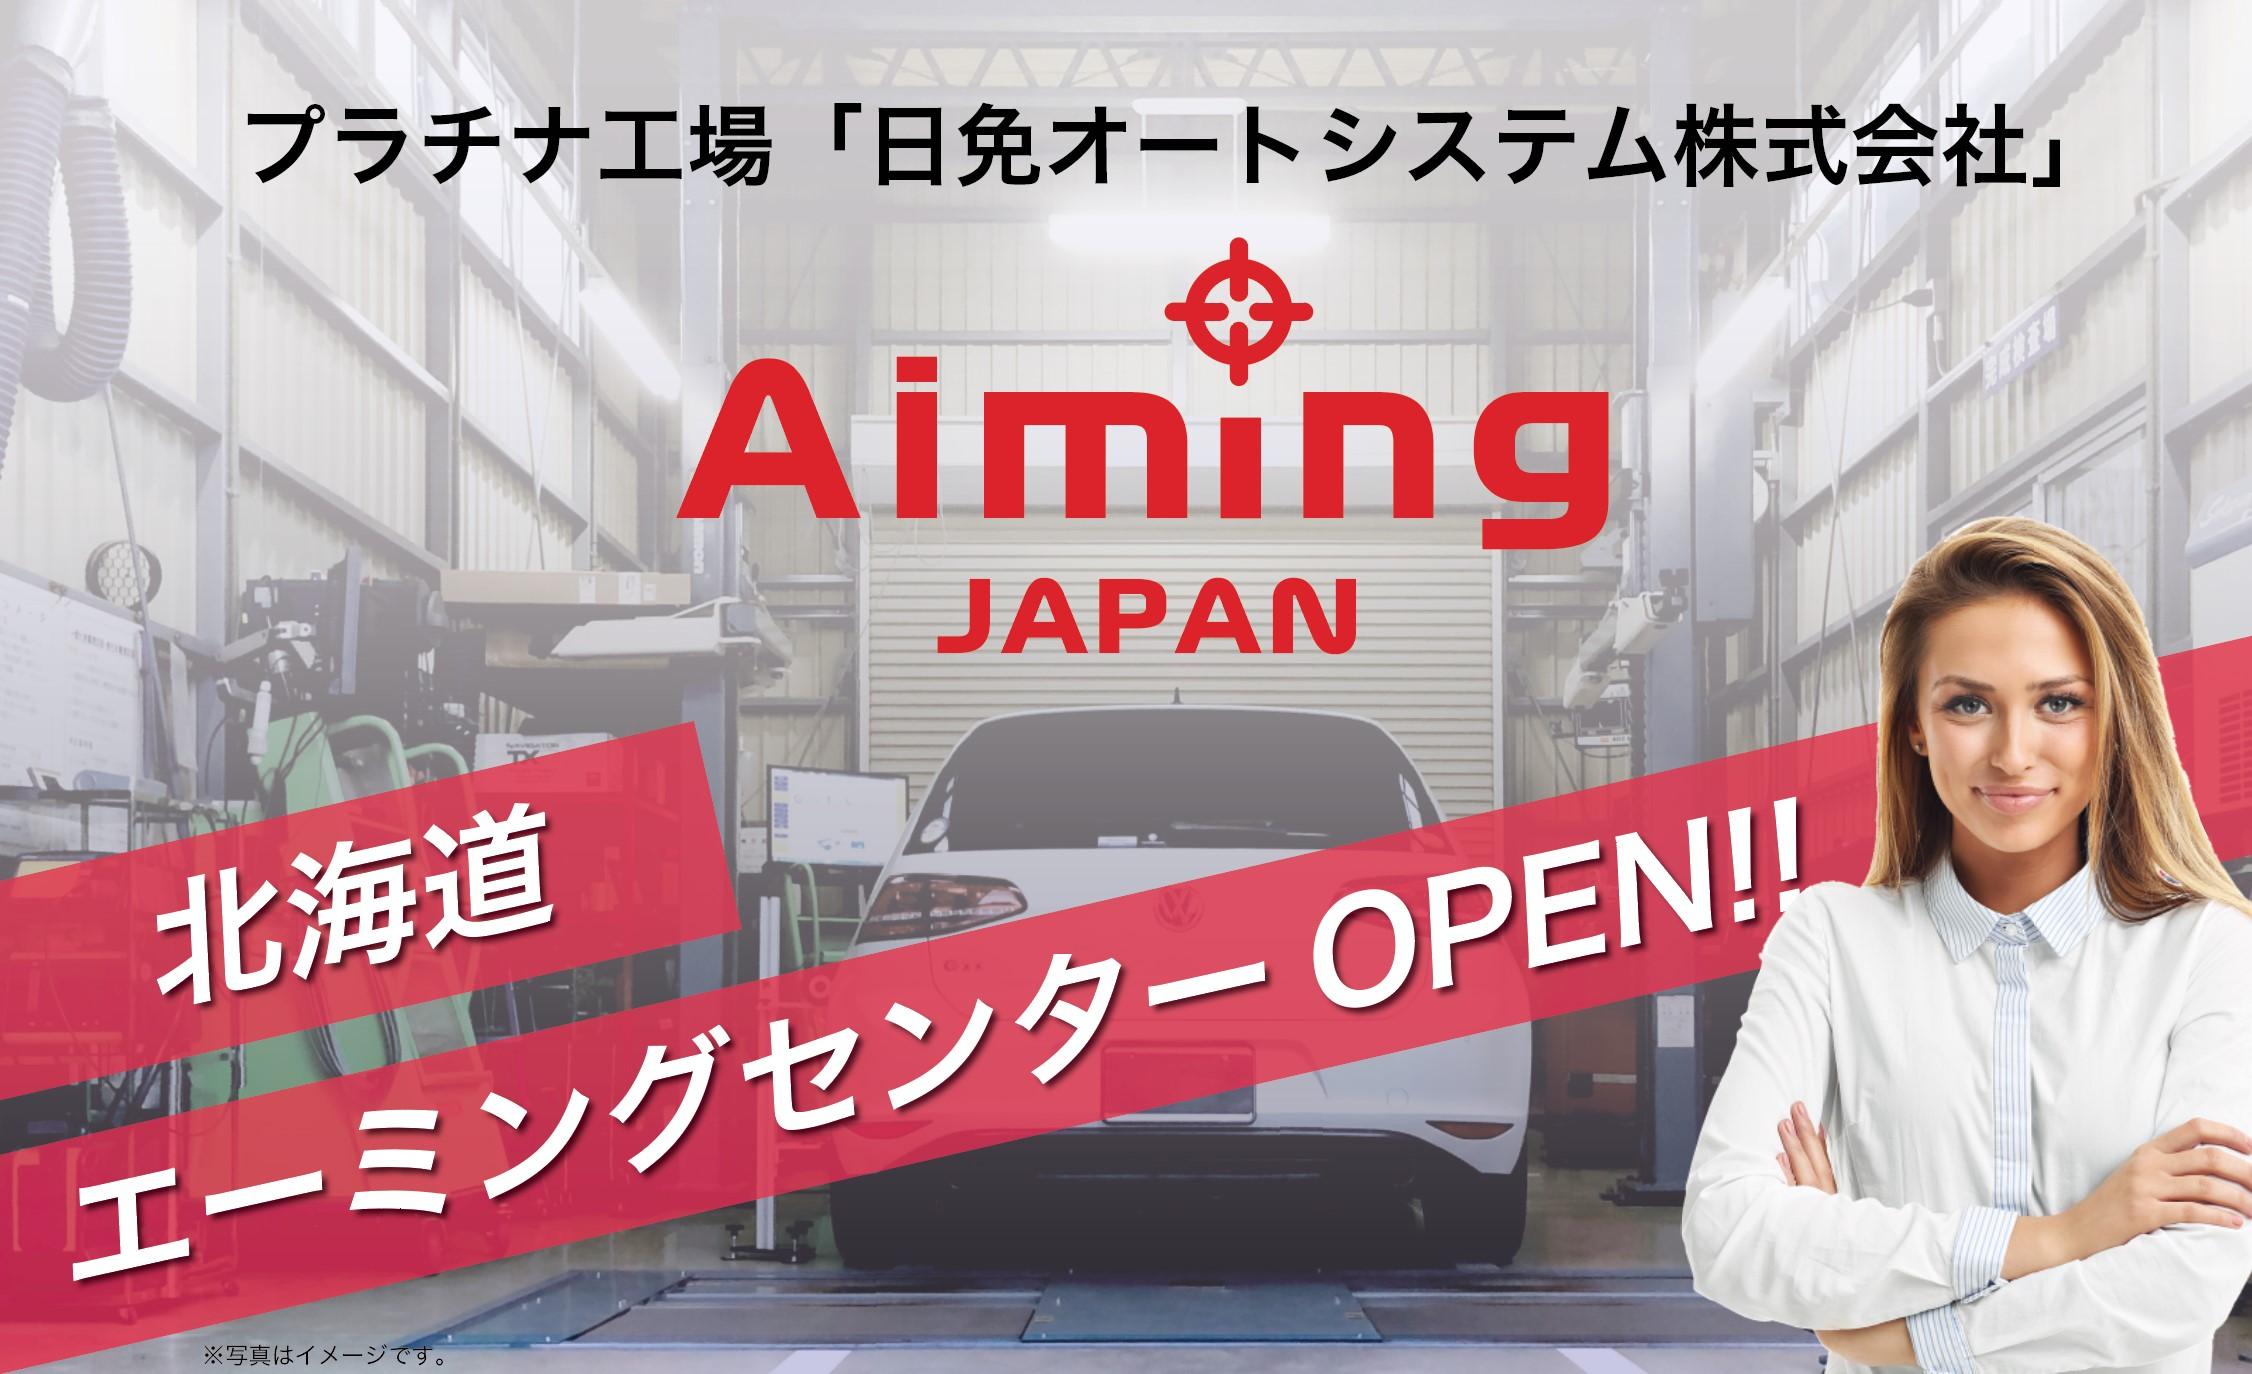 【日免オートシステム】北海道の財団法人日本技能研修機構(JATTO)のエーミングセンターがOPEN!... 画像